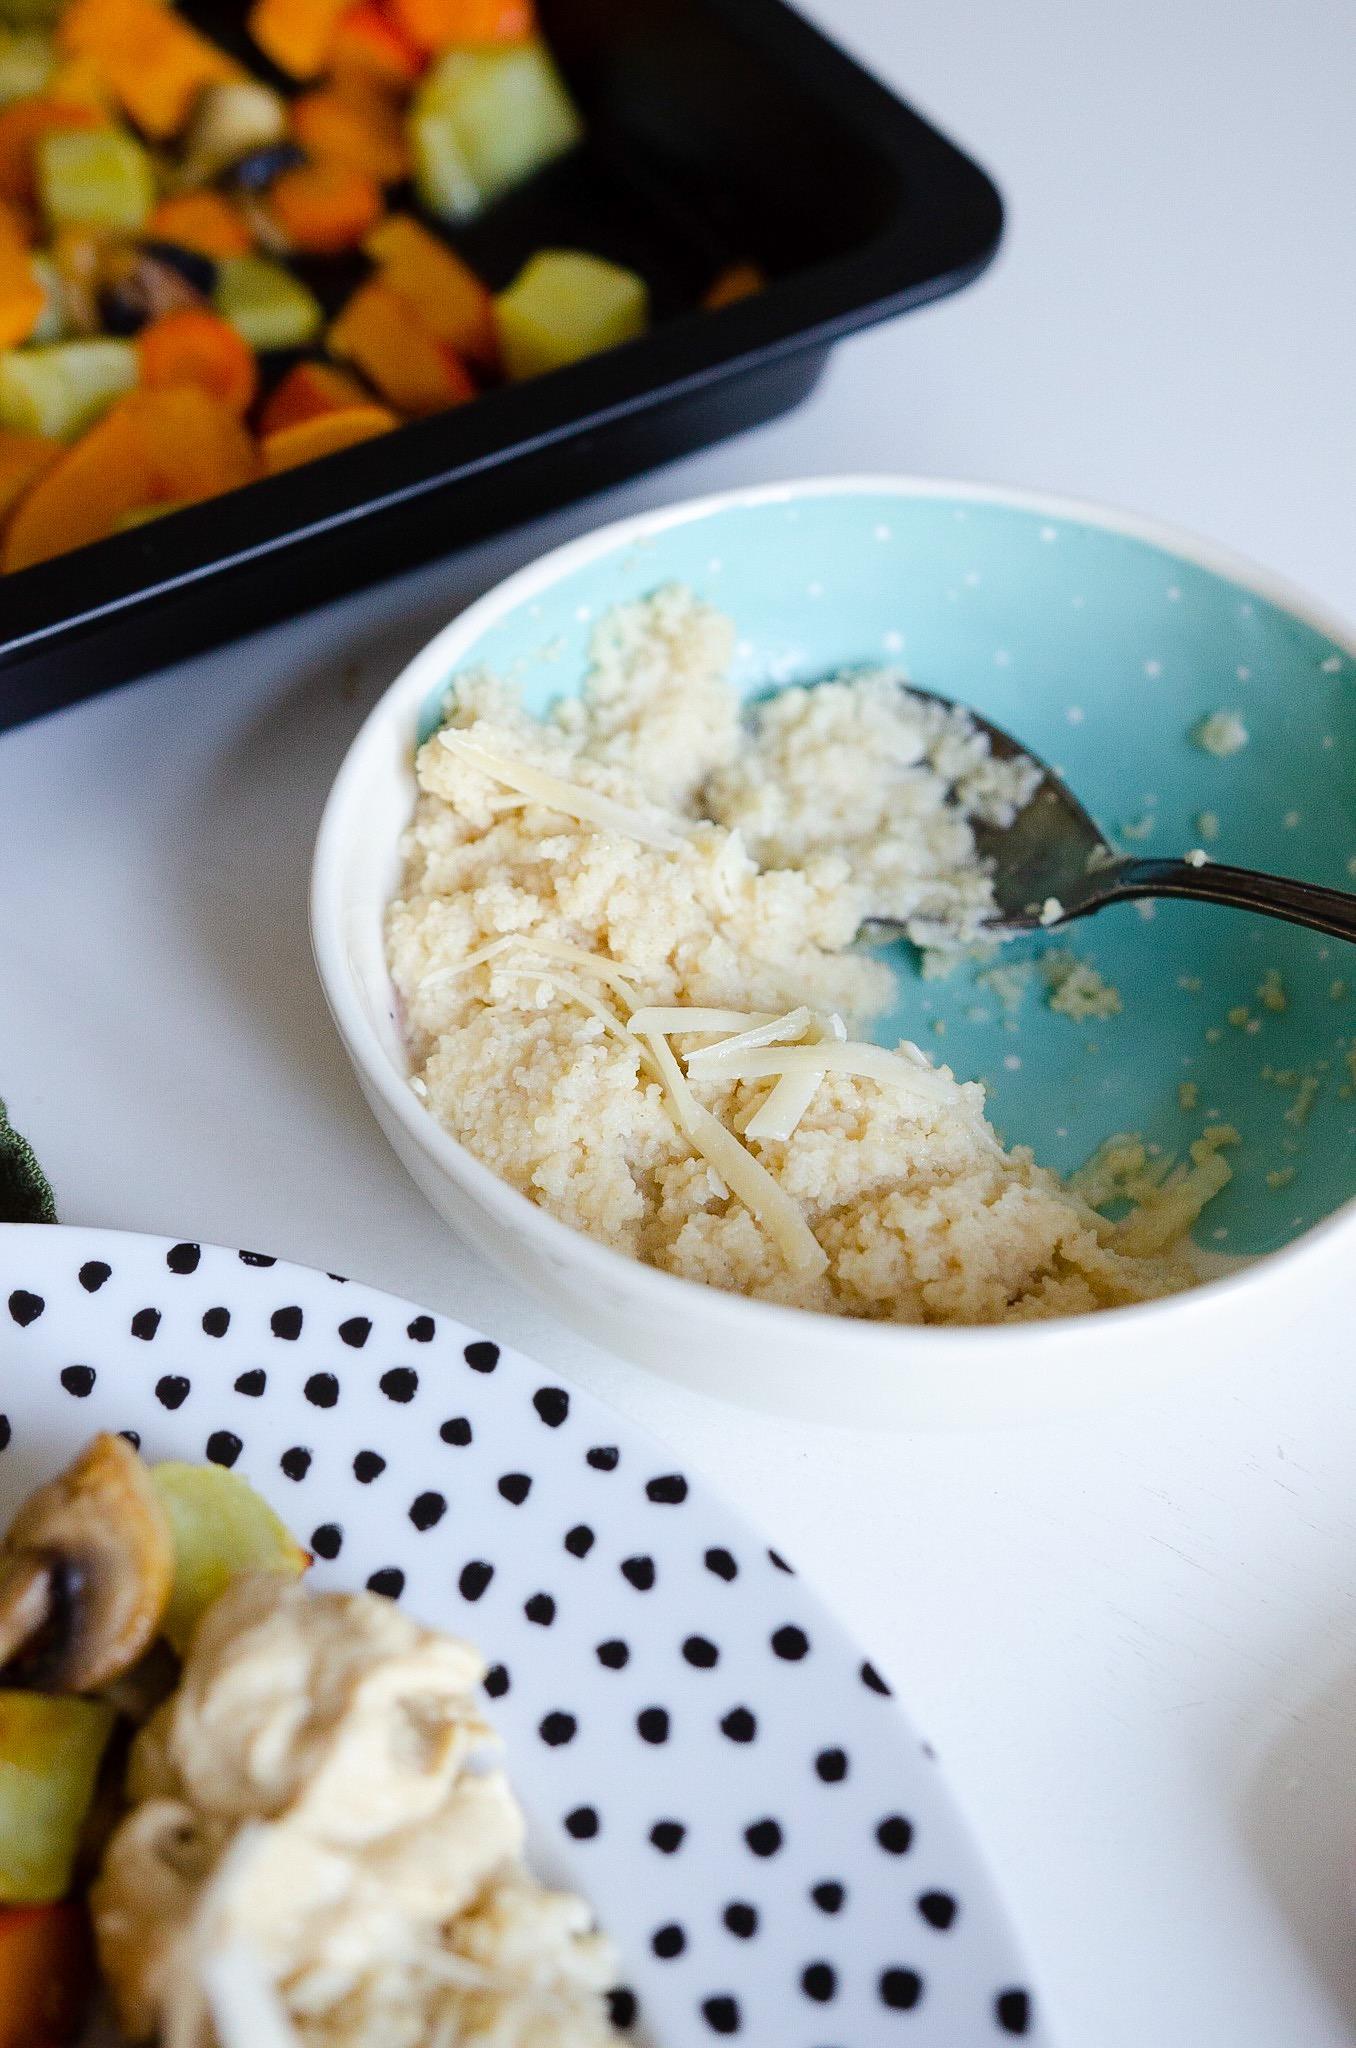 Ofengemüse mit Parmesan-Couscous und Halloumi